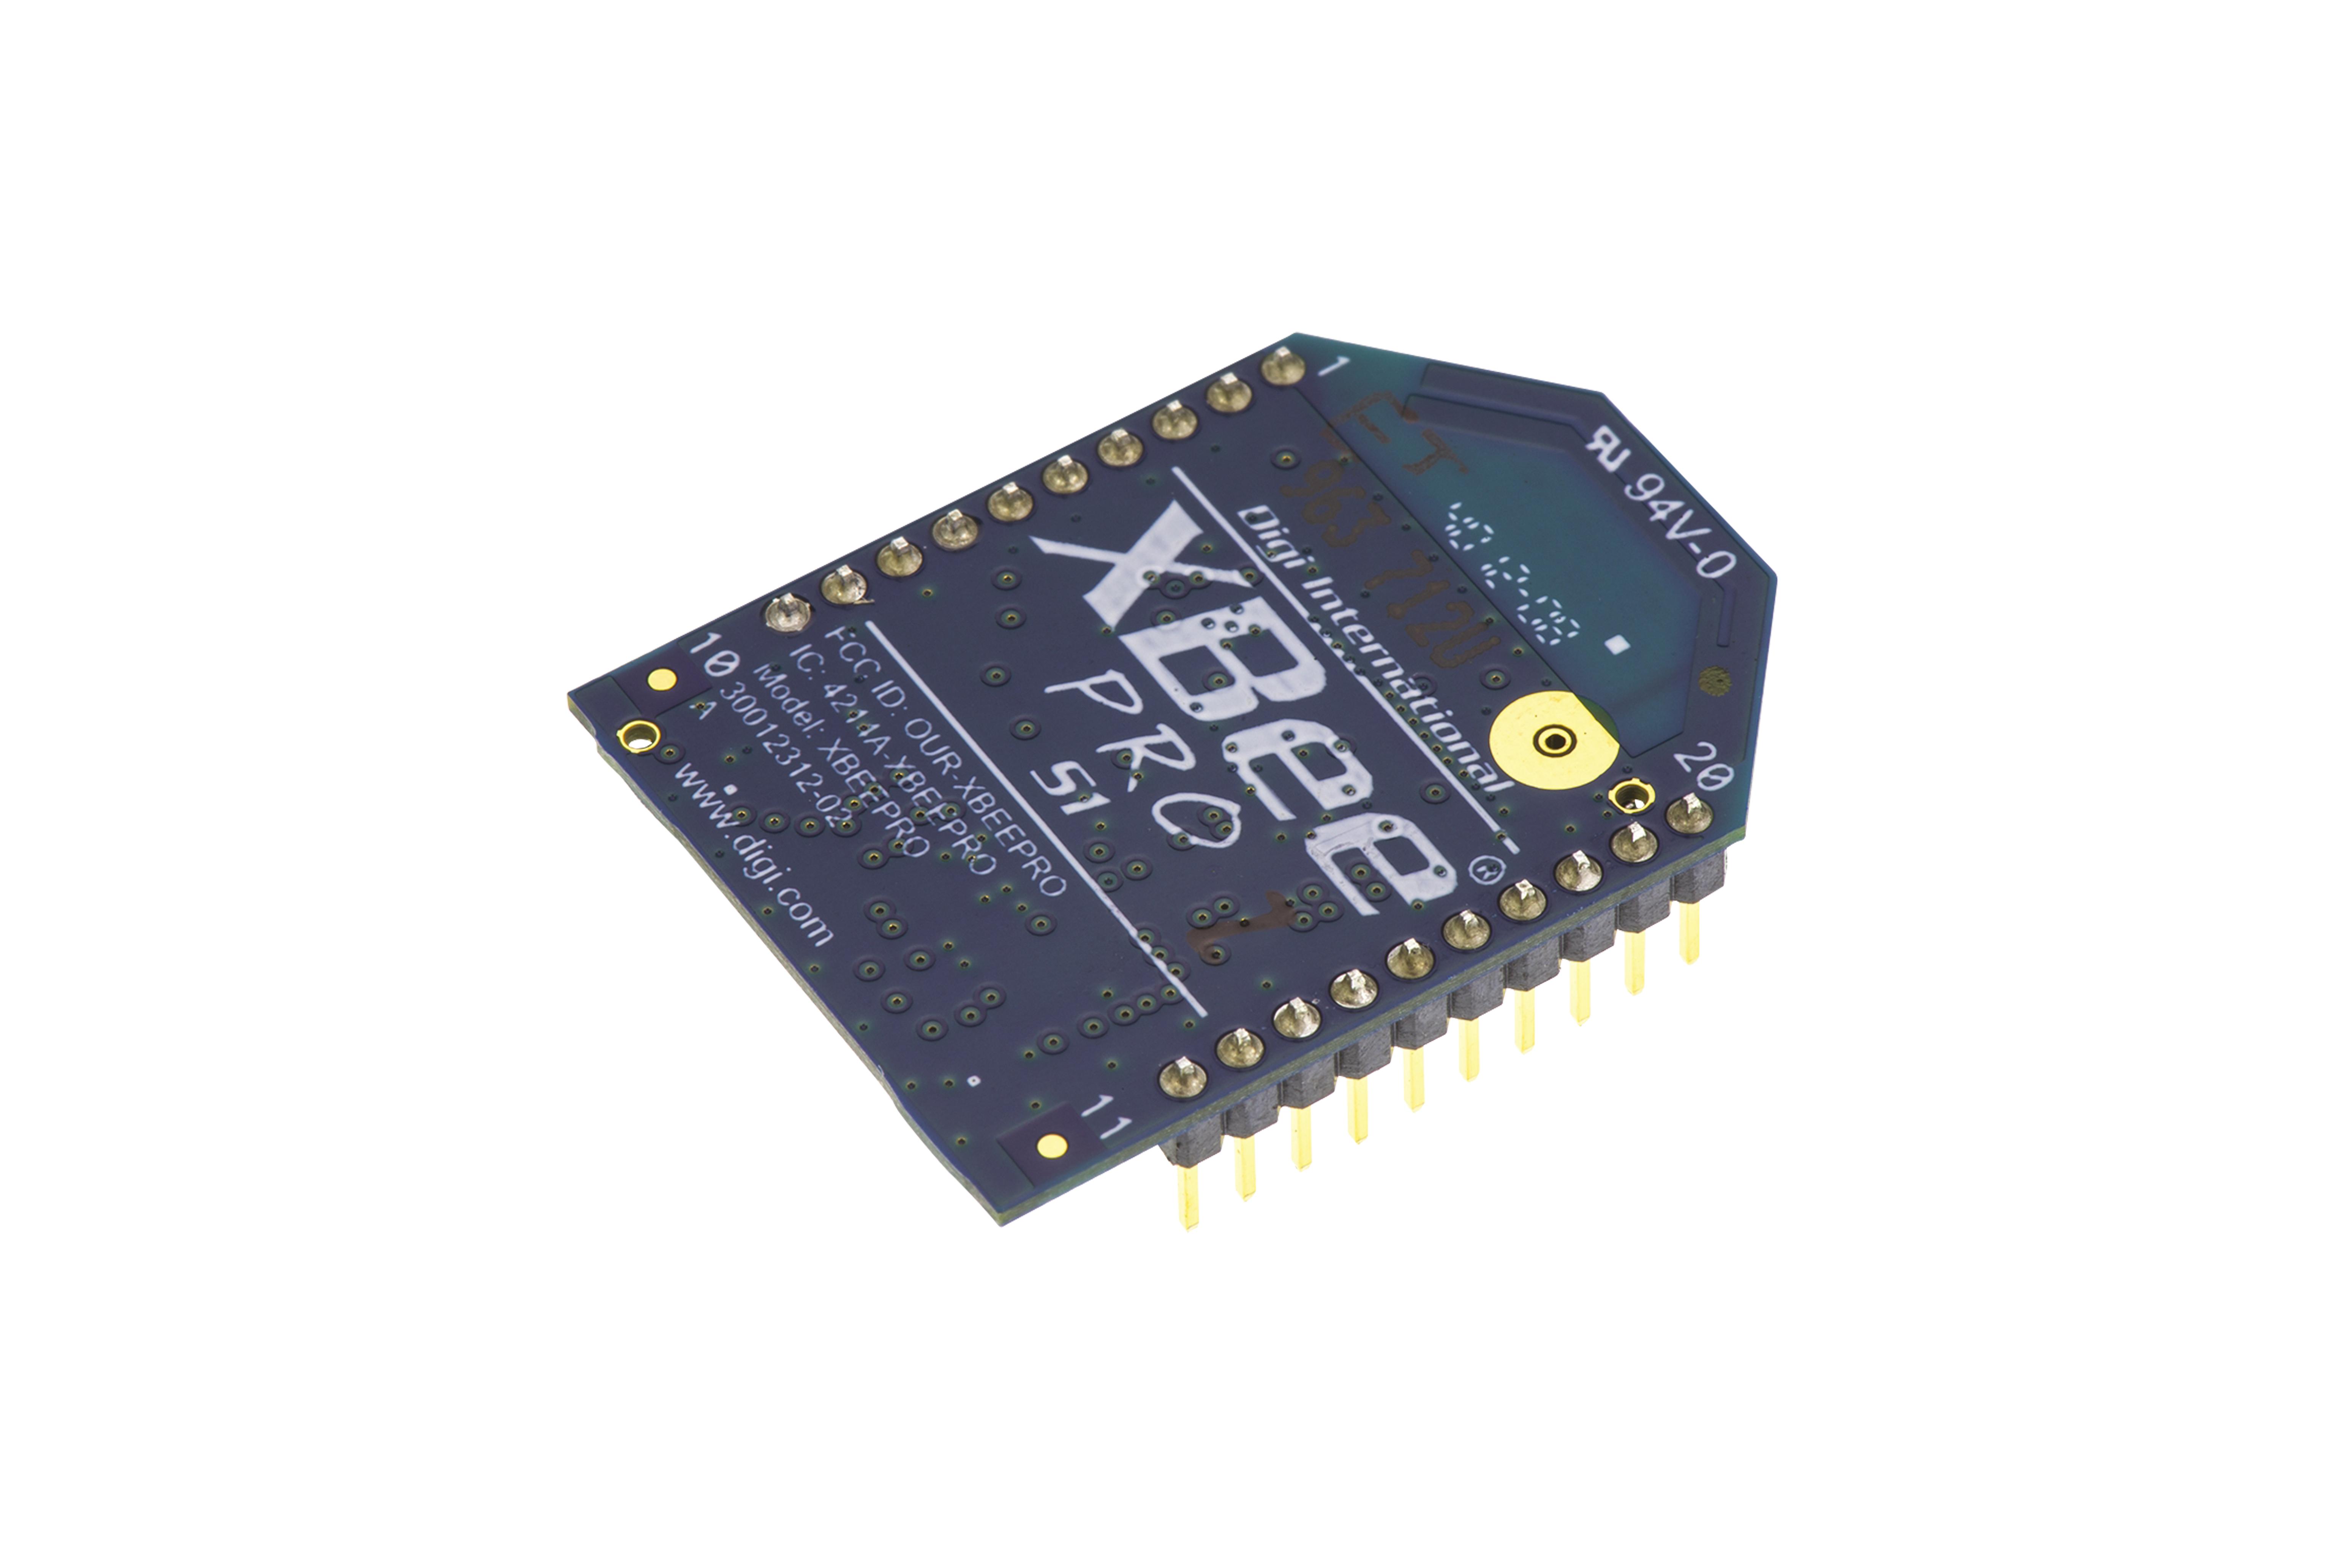 XBee-PRO HF-Modul mit Chipantenne 10 mW